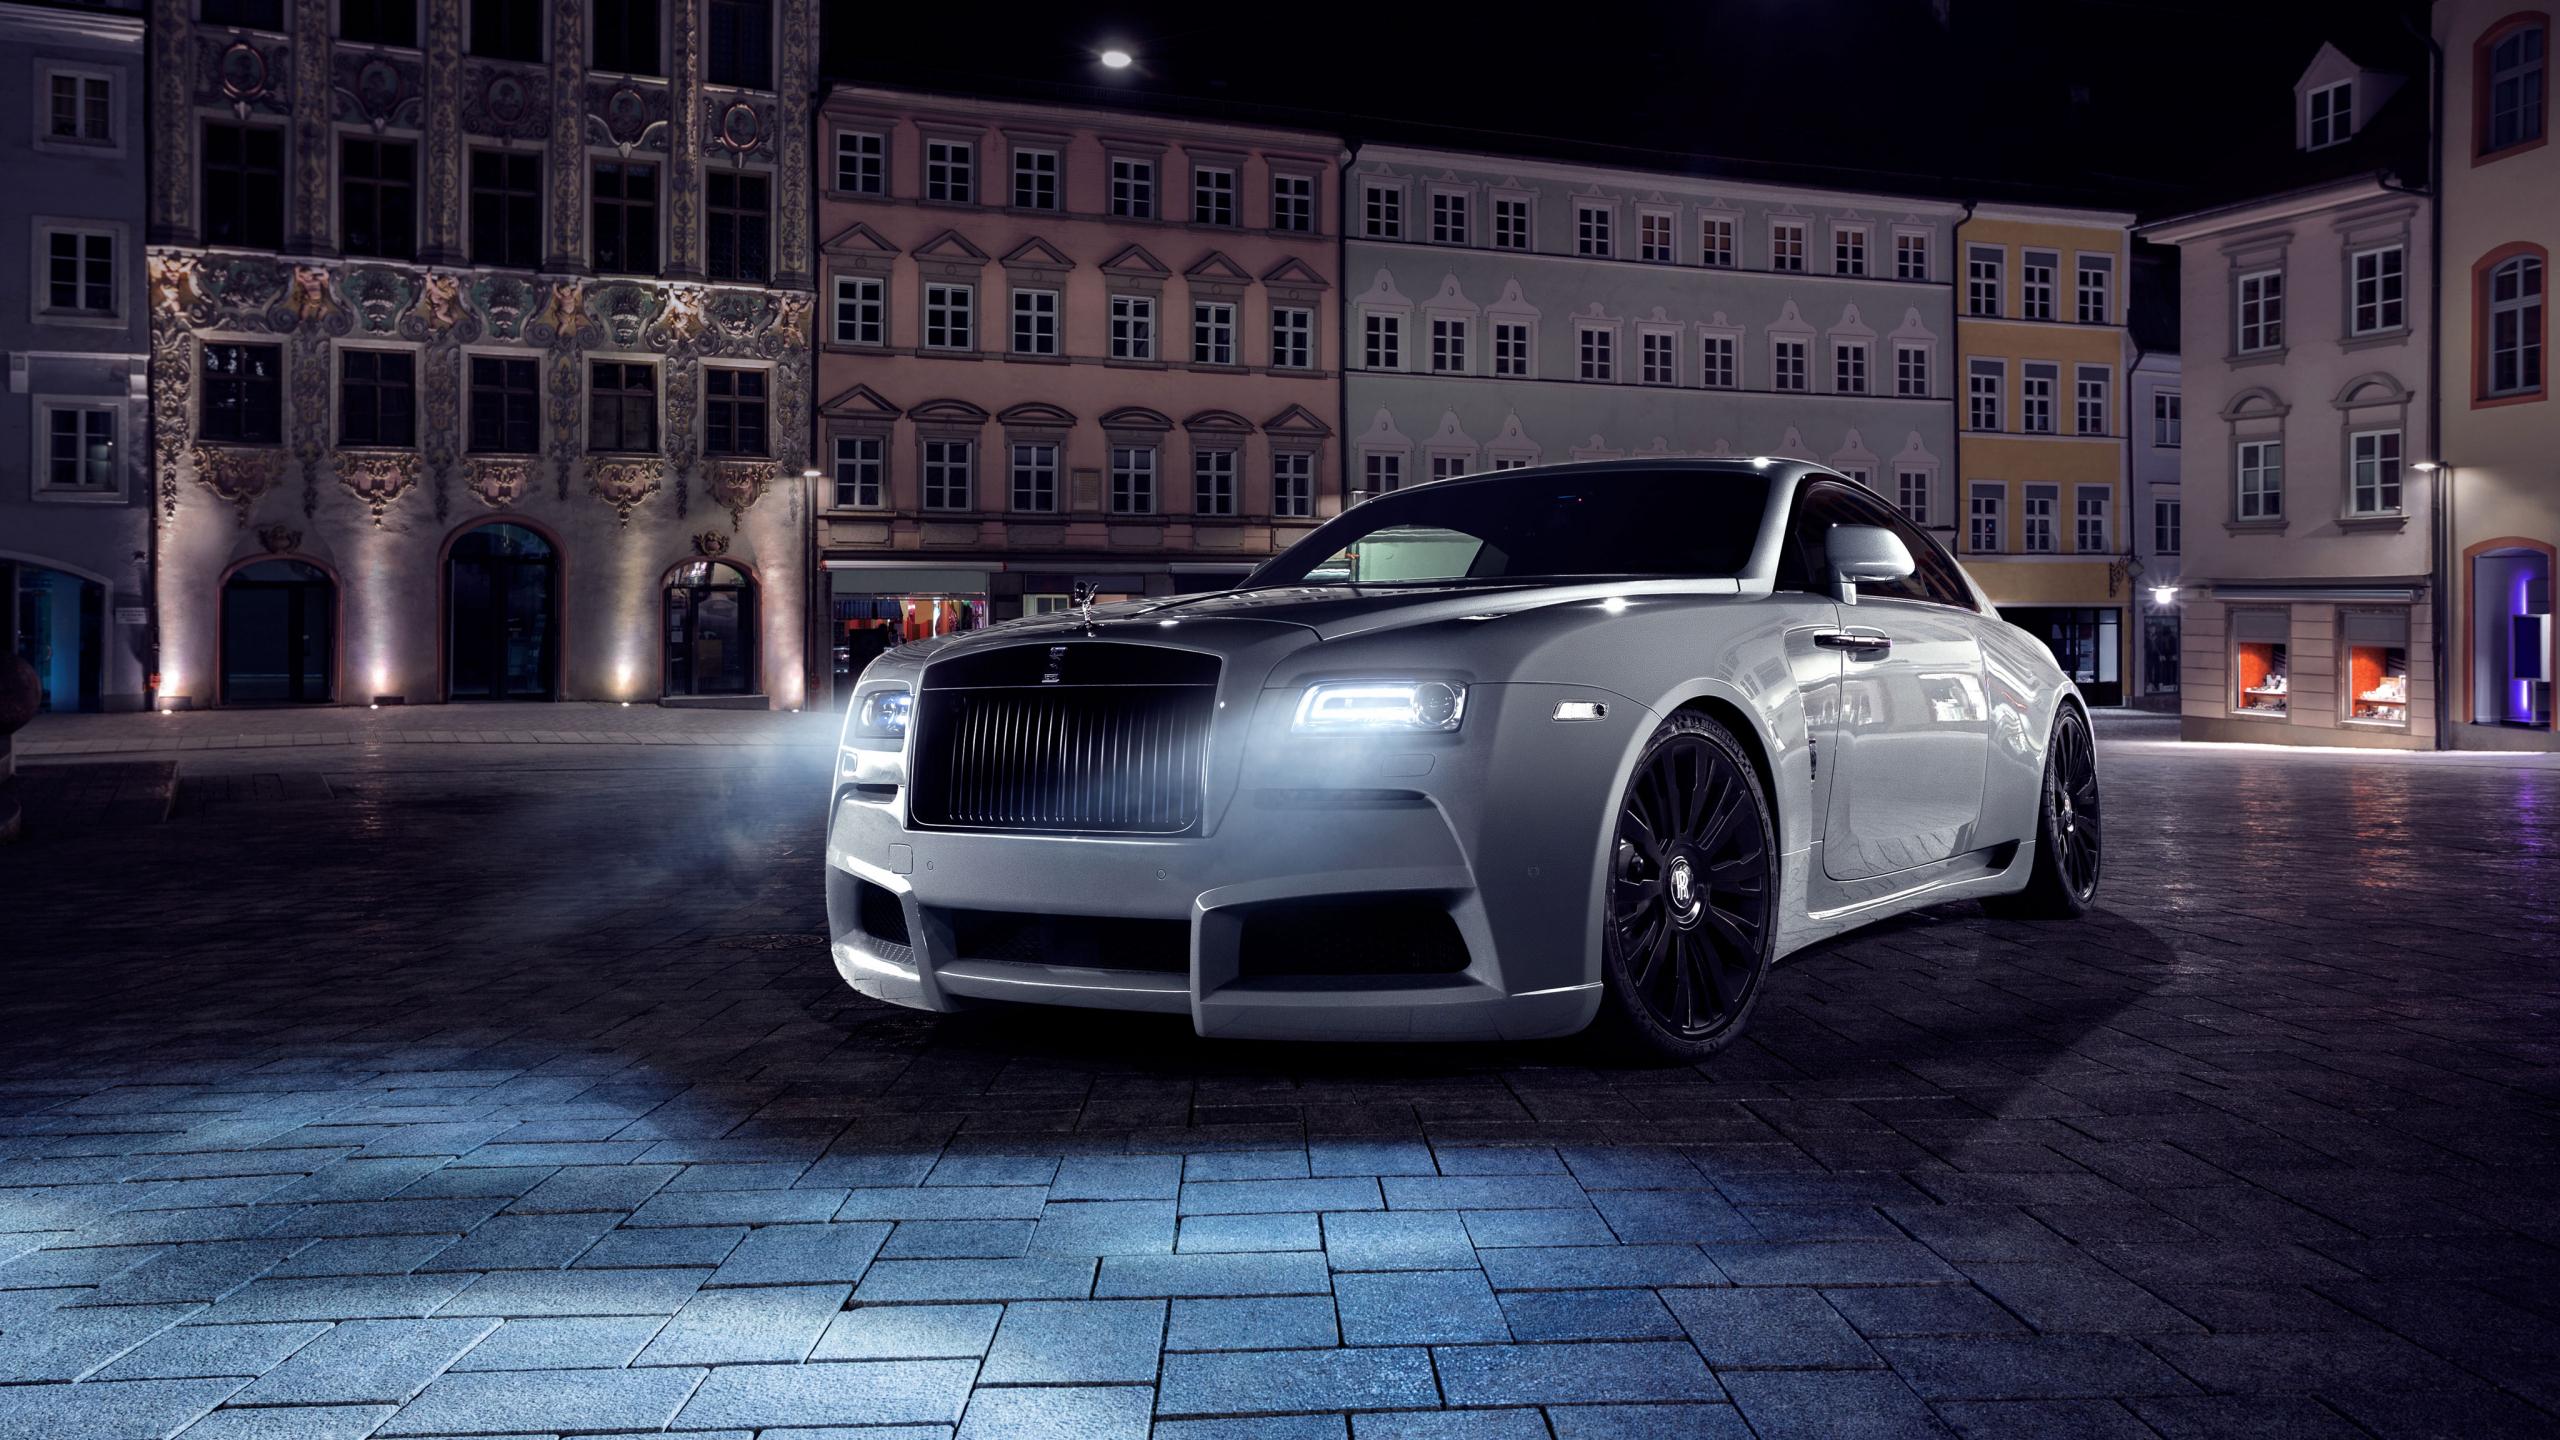 Desktop Wallpaper Rolls Royce Wraith, 2017 White Car ...